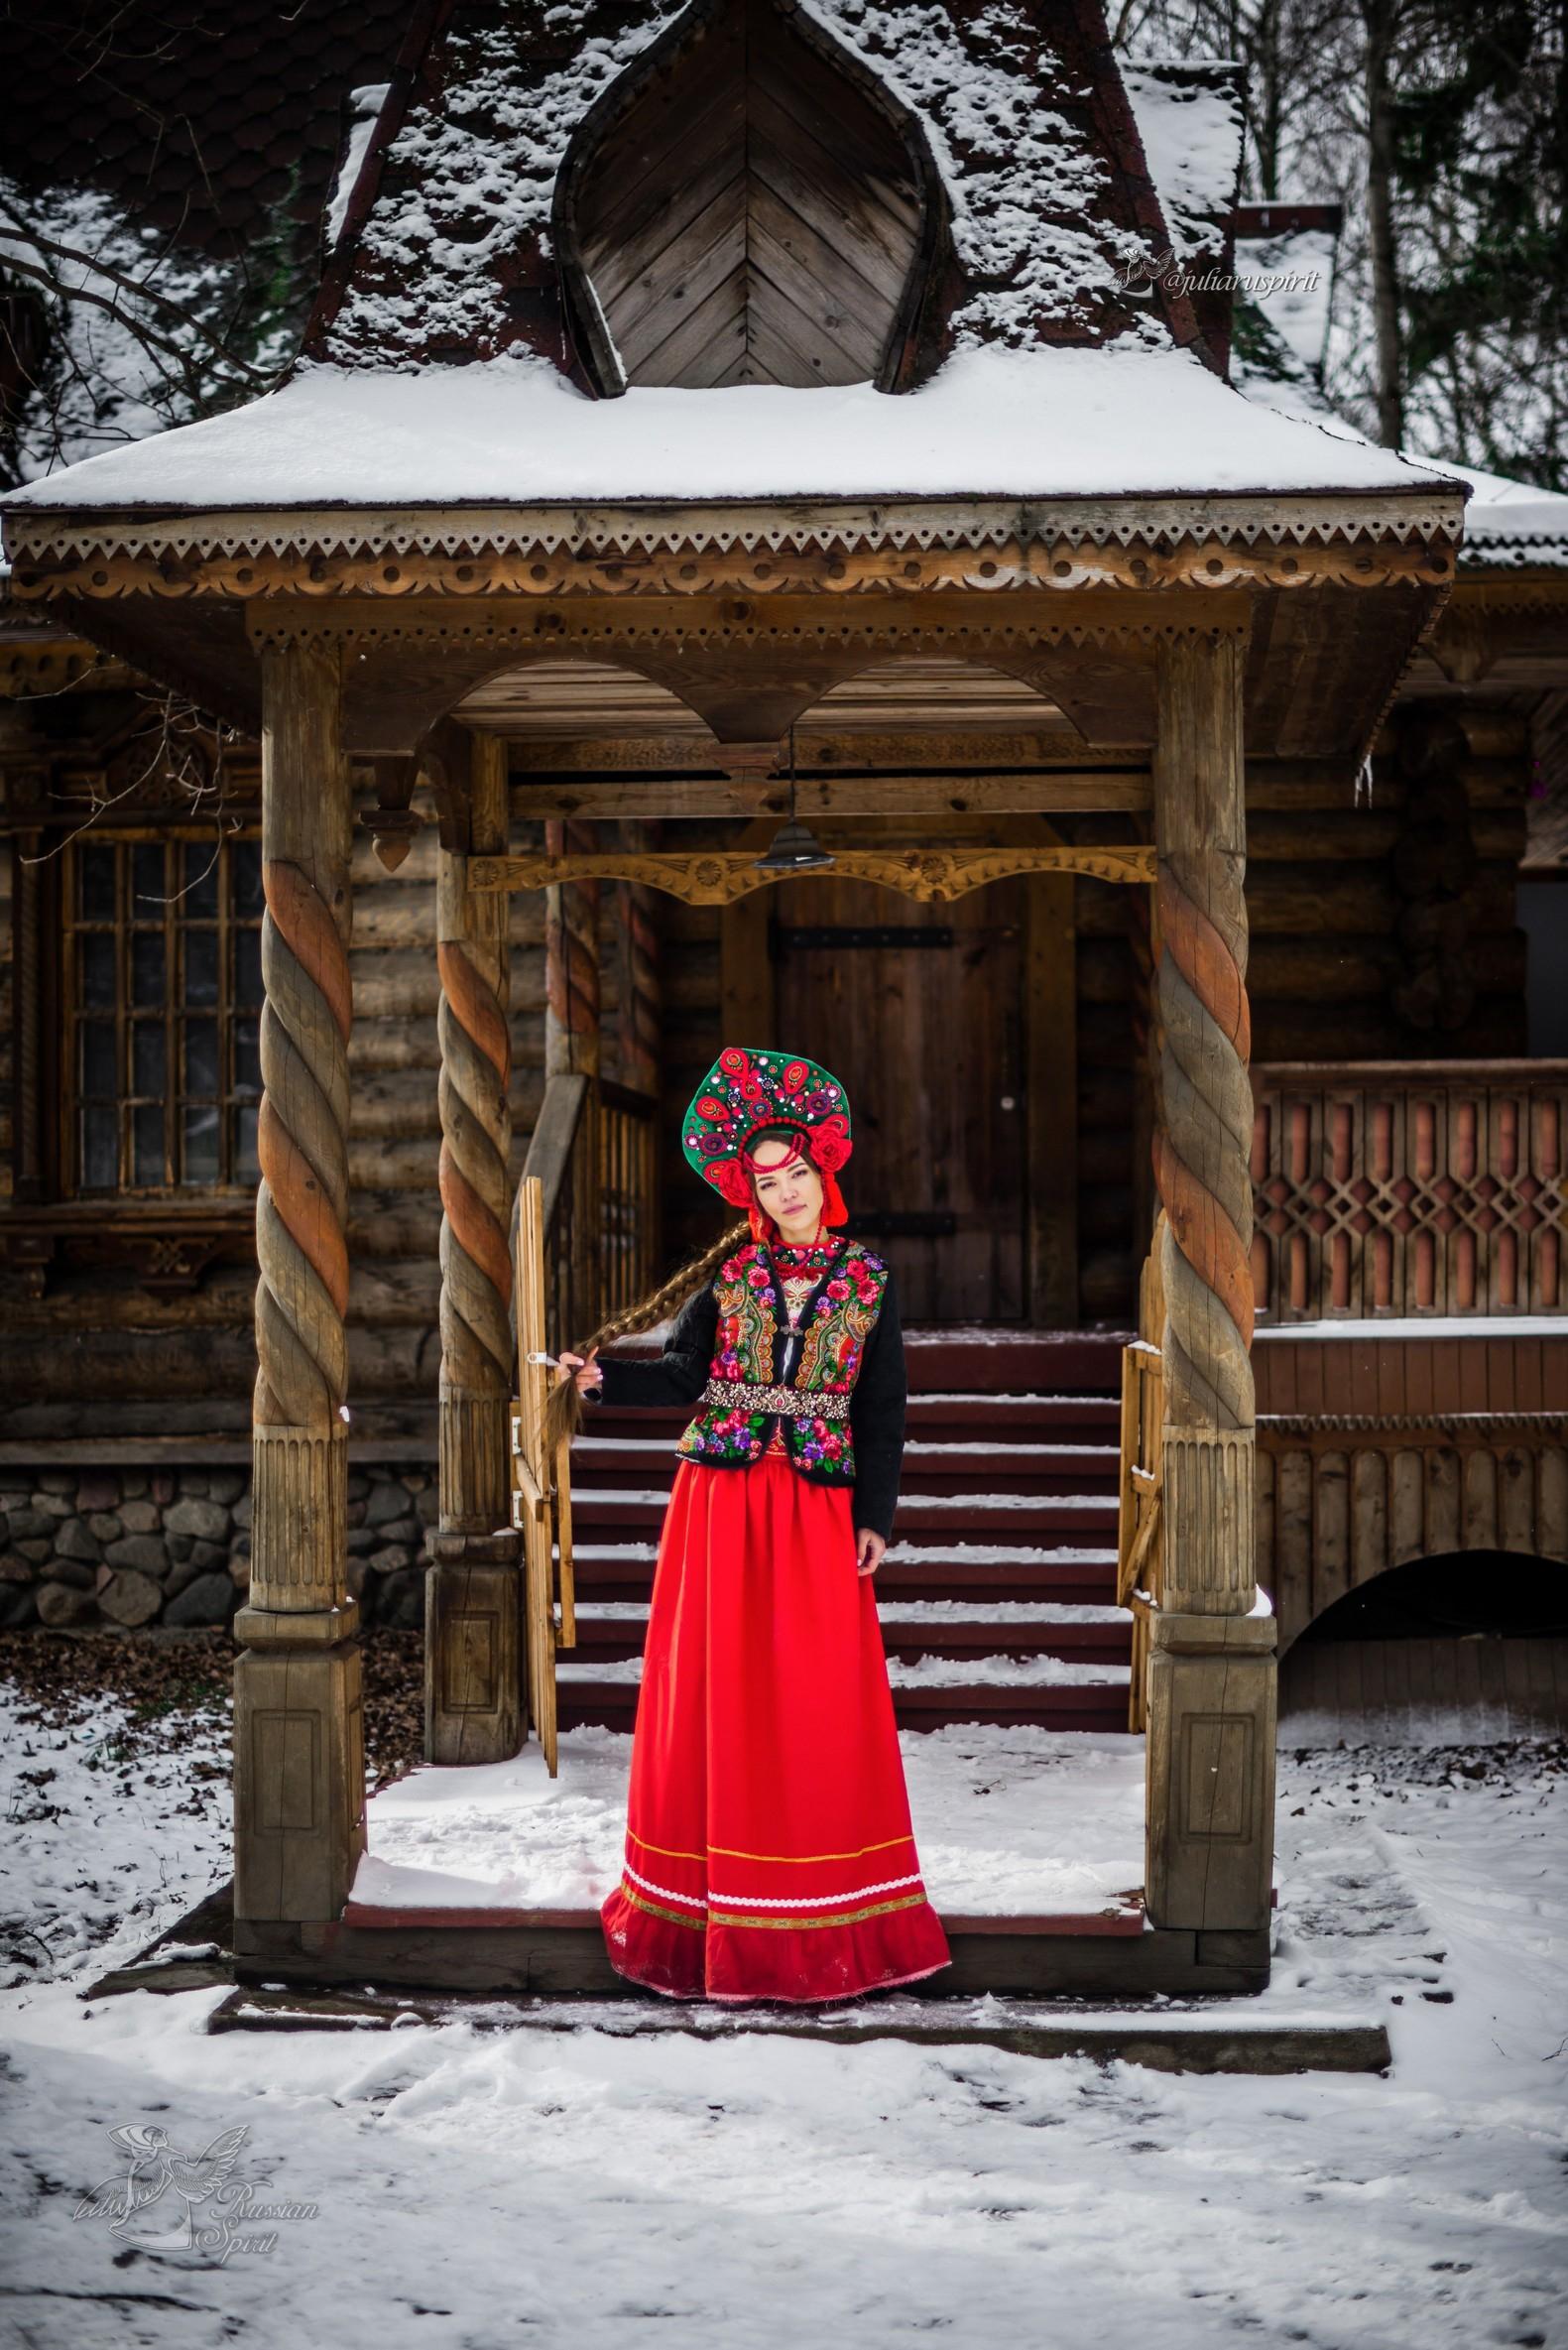 Девушка в жакете на фоне деревянного терема